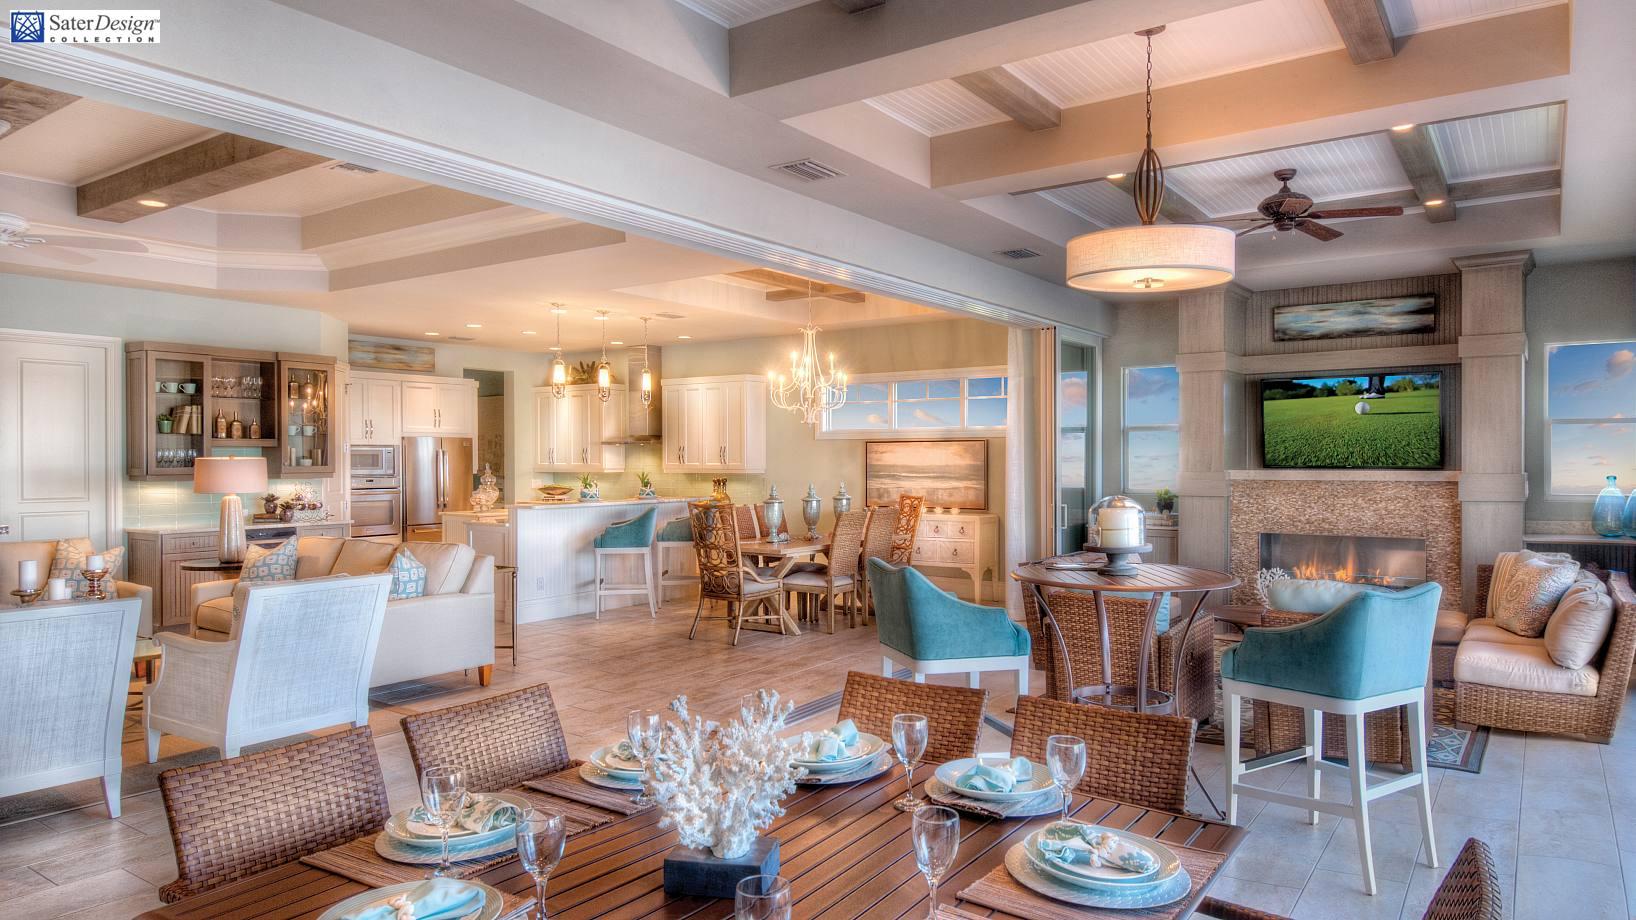 projekt domu zr6 inspirowana rejonem morza r dziemnego willa z gara em dla 3 4 samochod w. Black Bedroom Furniture Sets. Home Design Ideas